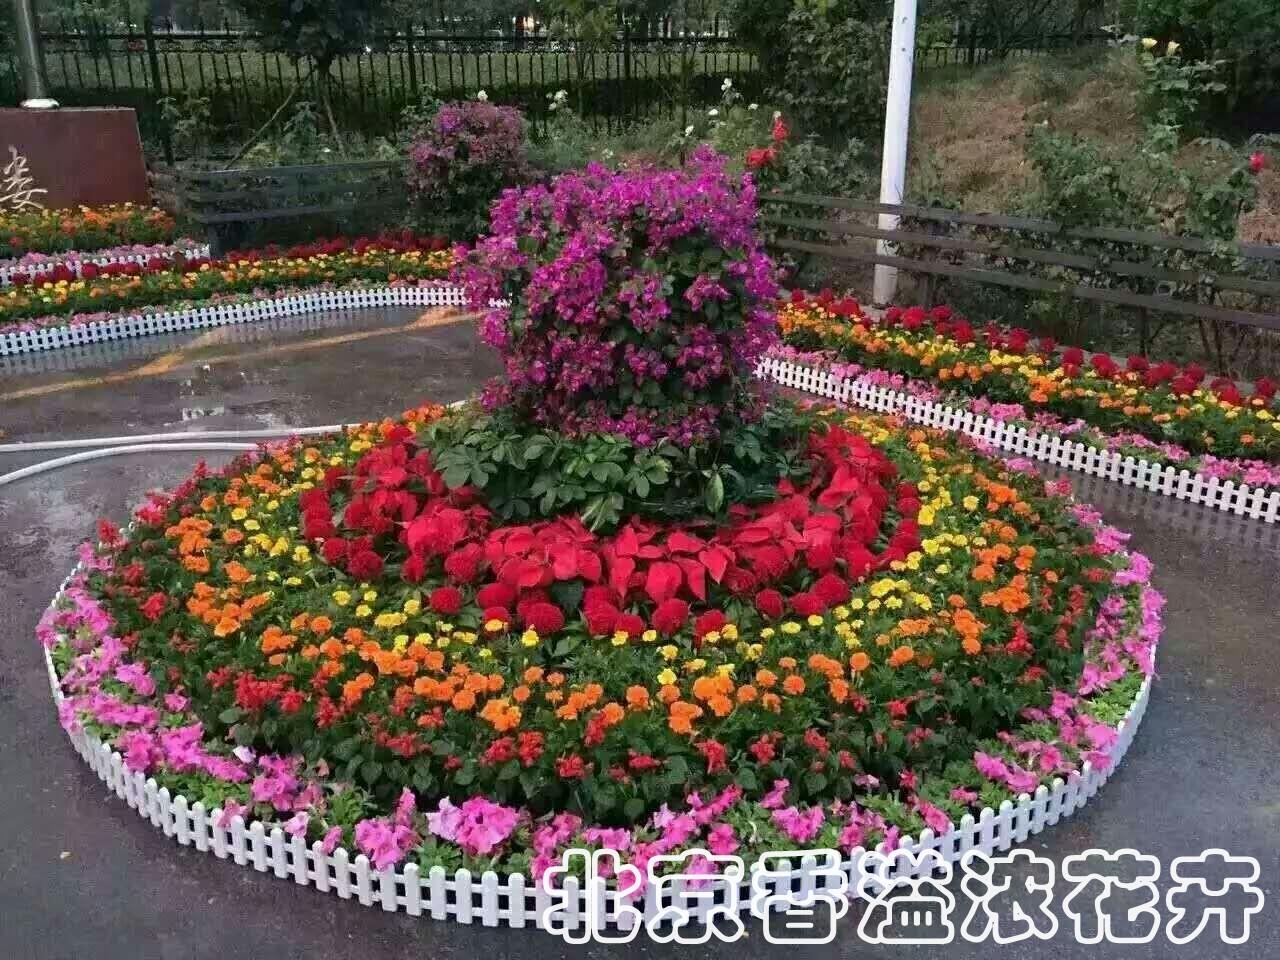 一个半圆形花坛,外围周长是51.4米,这个花坛的半径是多少米?